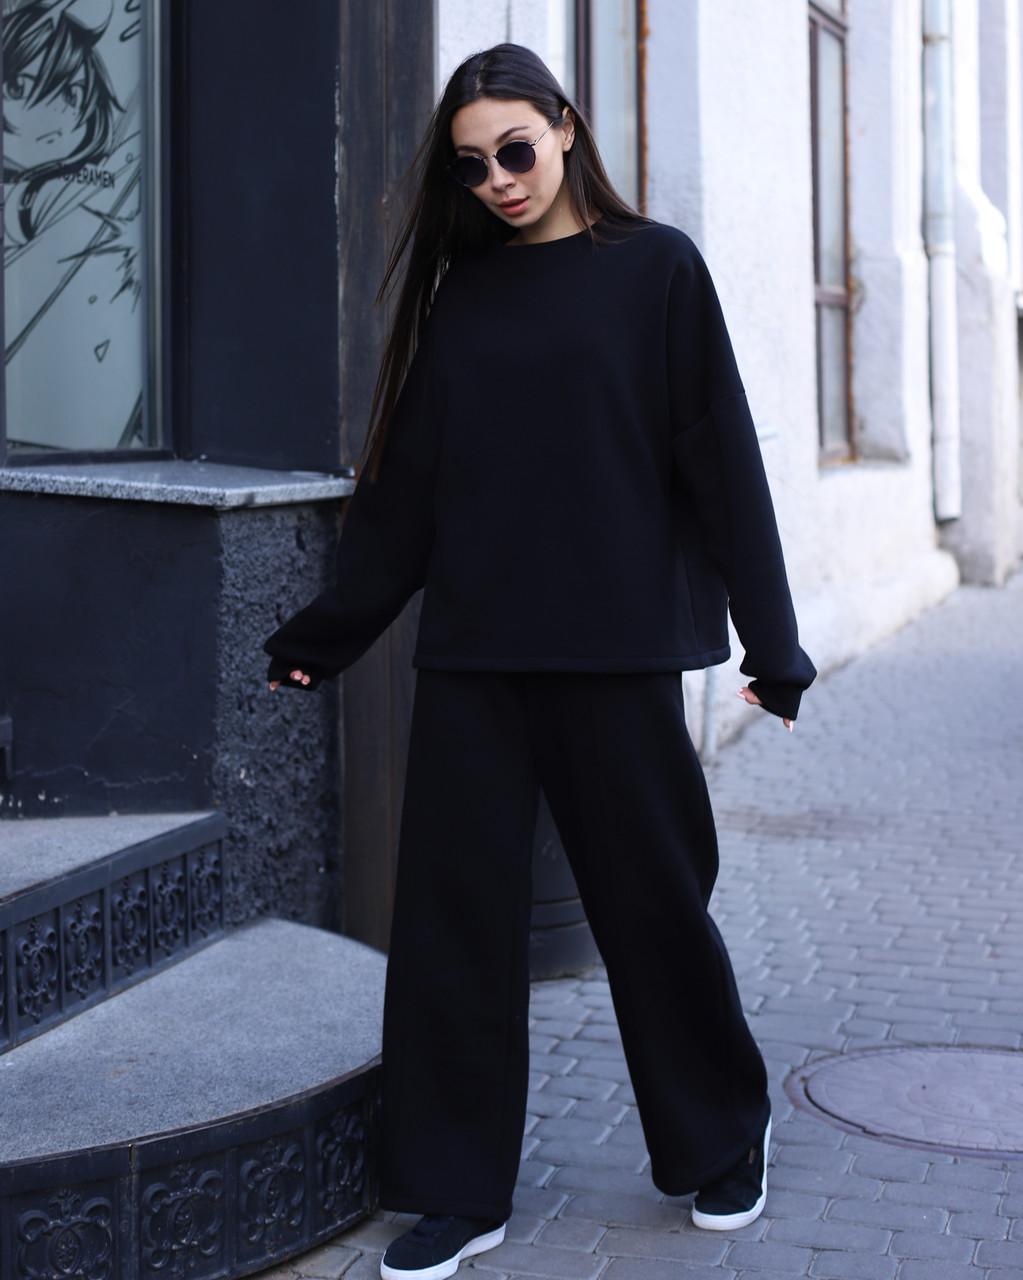 Спортивный костюм женский  чёрный на флисе сезон зима Джин от бренда Тур, размеры: S-M